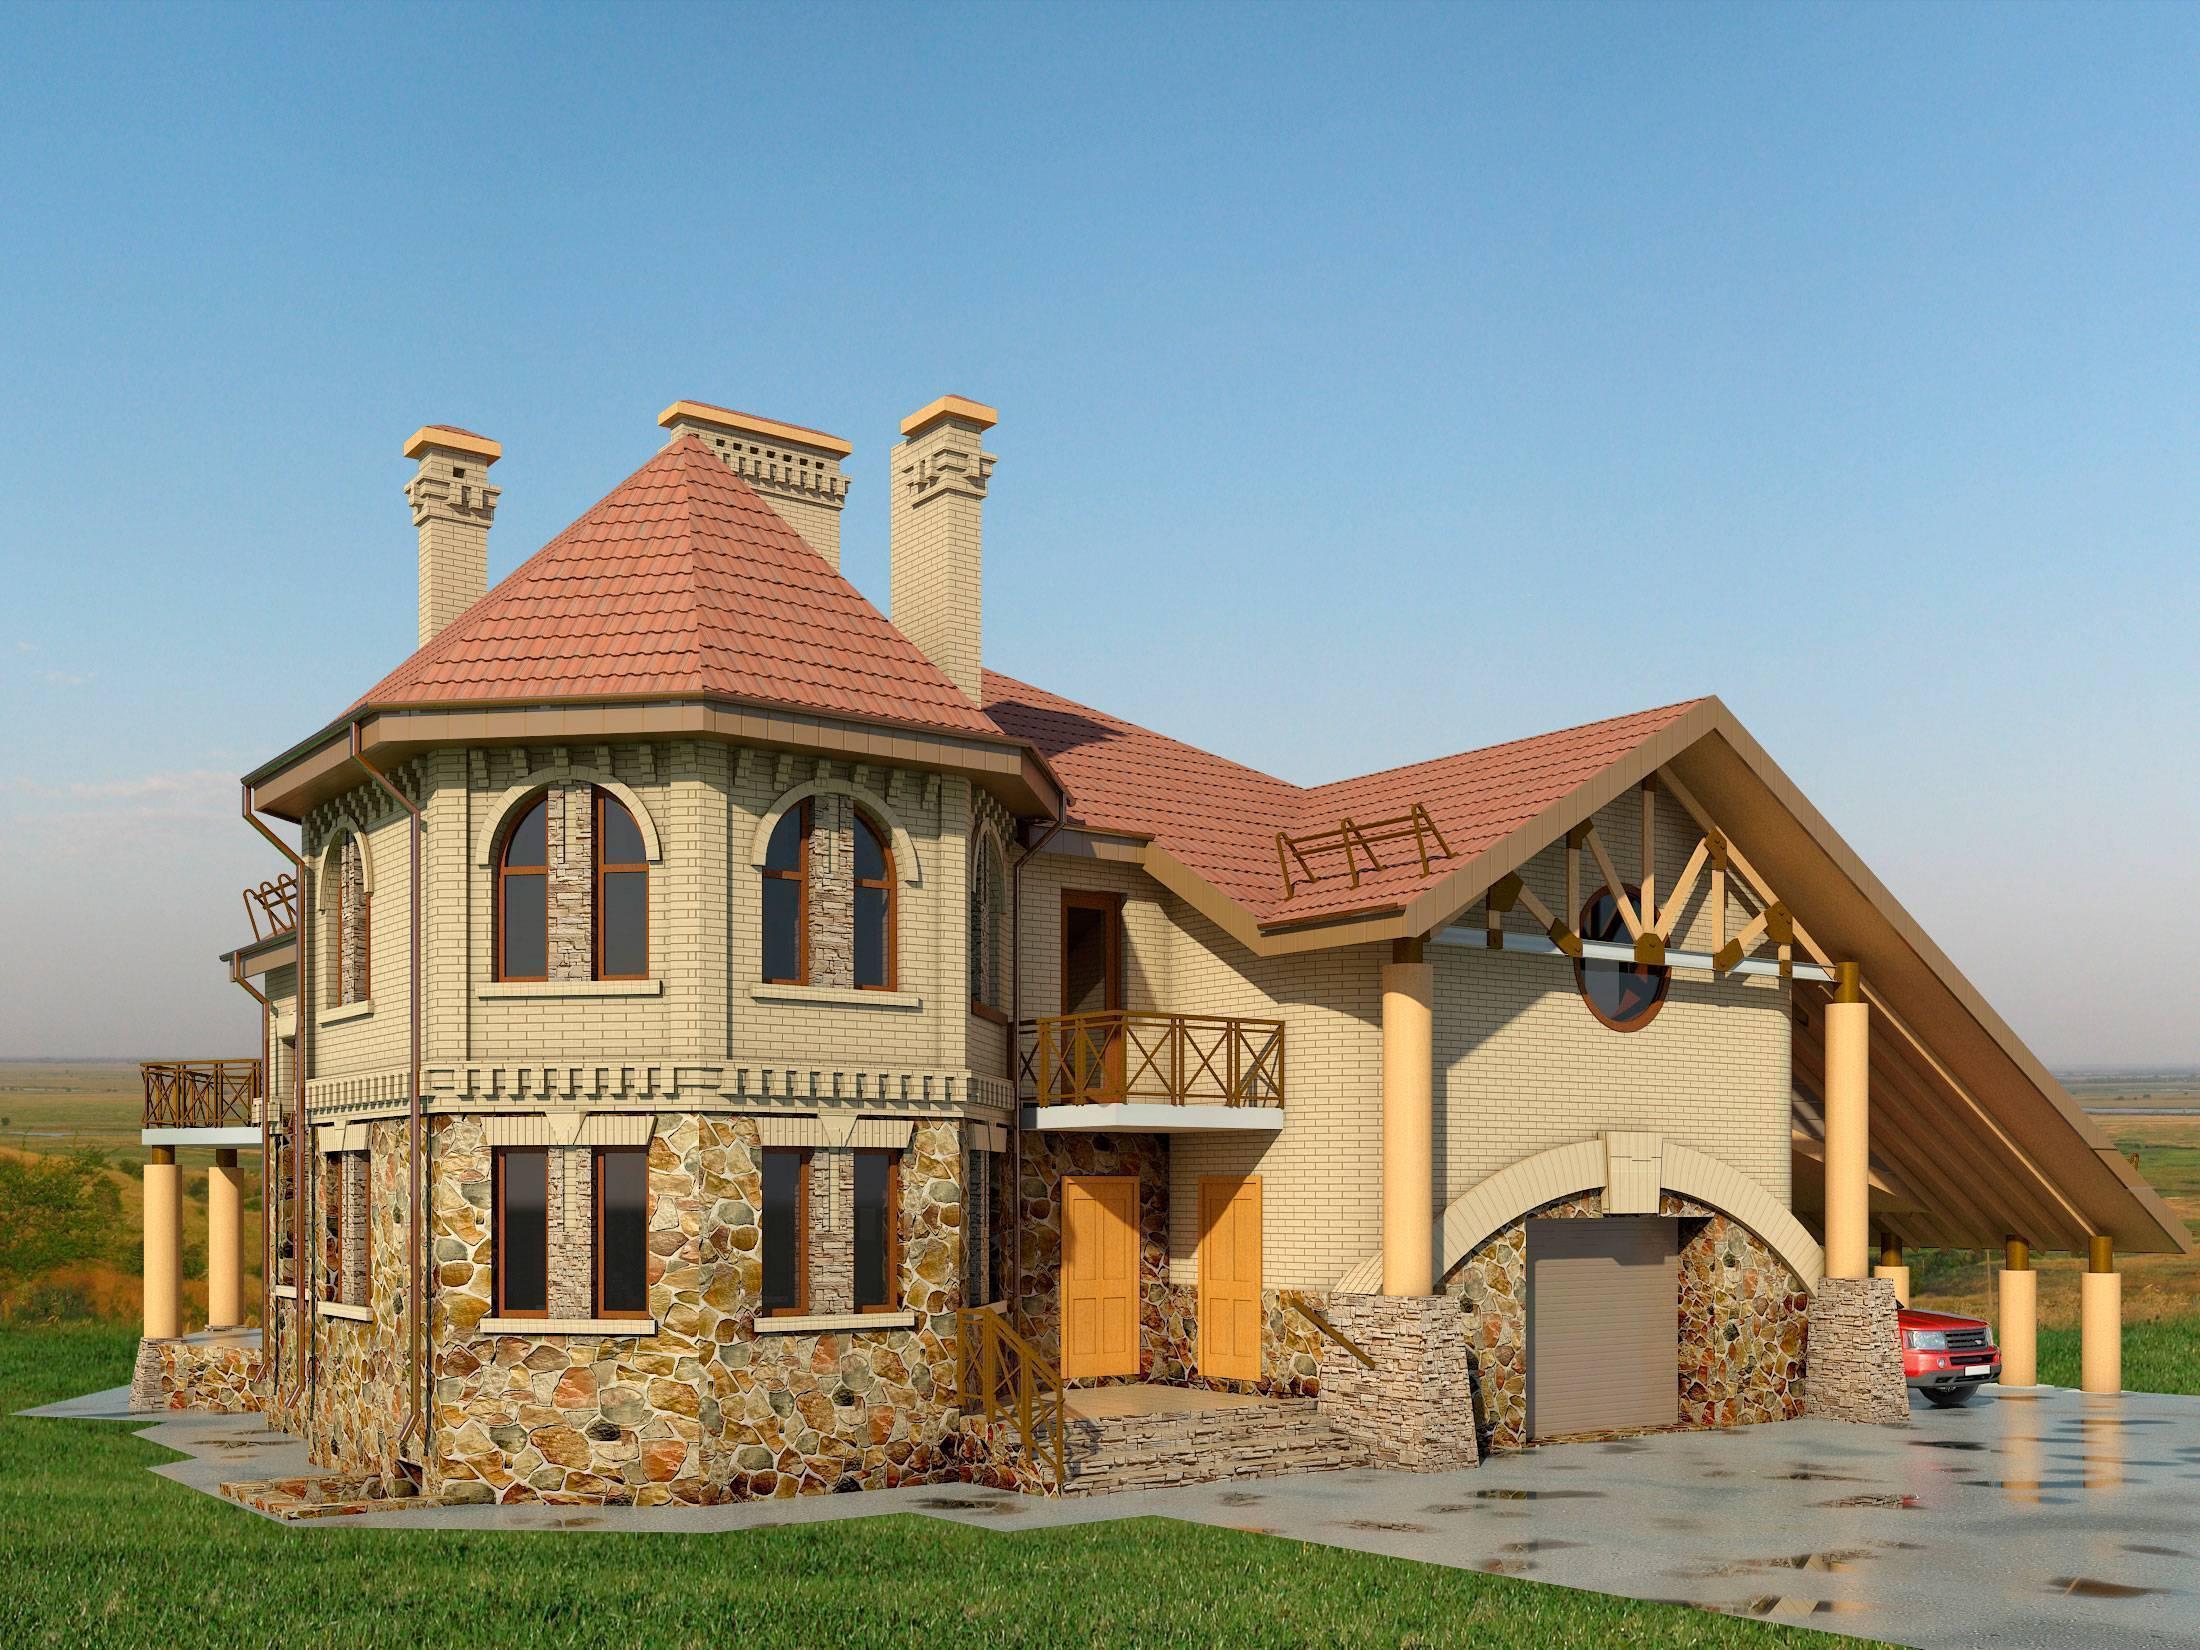 Строительство частного загородного дома своими руками - стройте сами